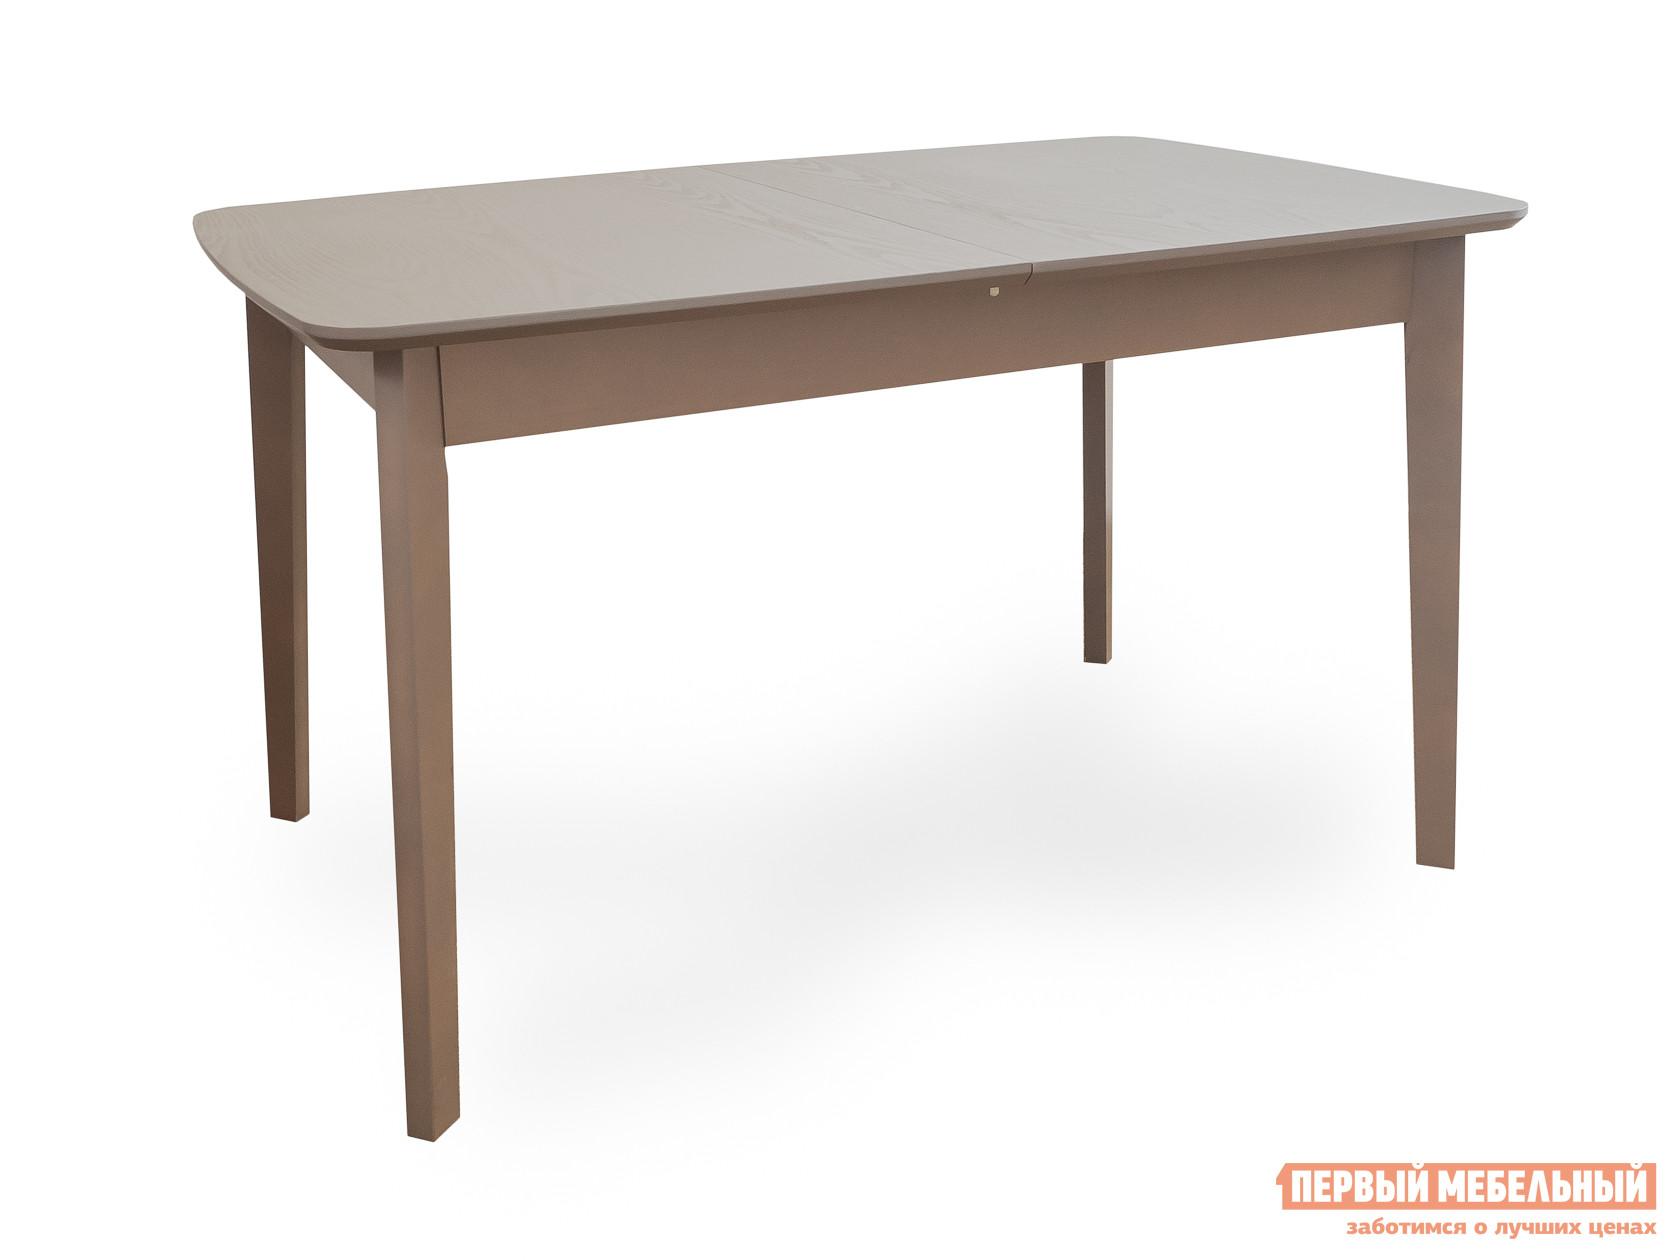 Фото Кухонный стол Боровичи Стол обеденный раздвижной с овальной крышкой Капучино, Натуральный шпон. Купить с доставкой